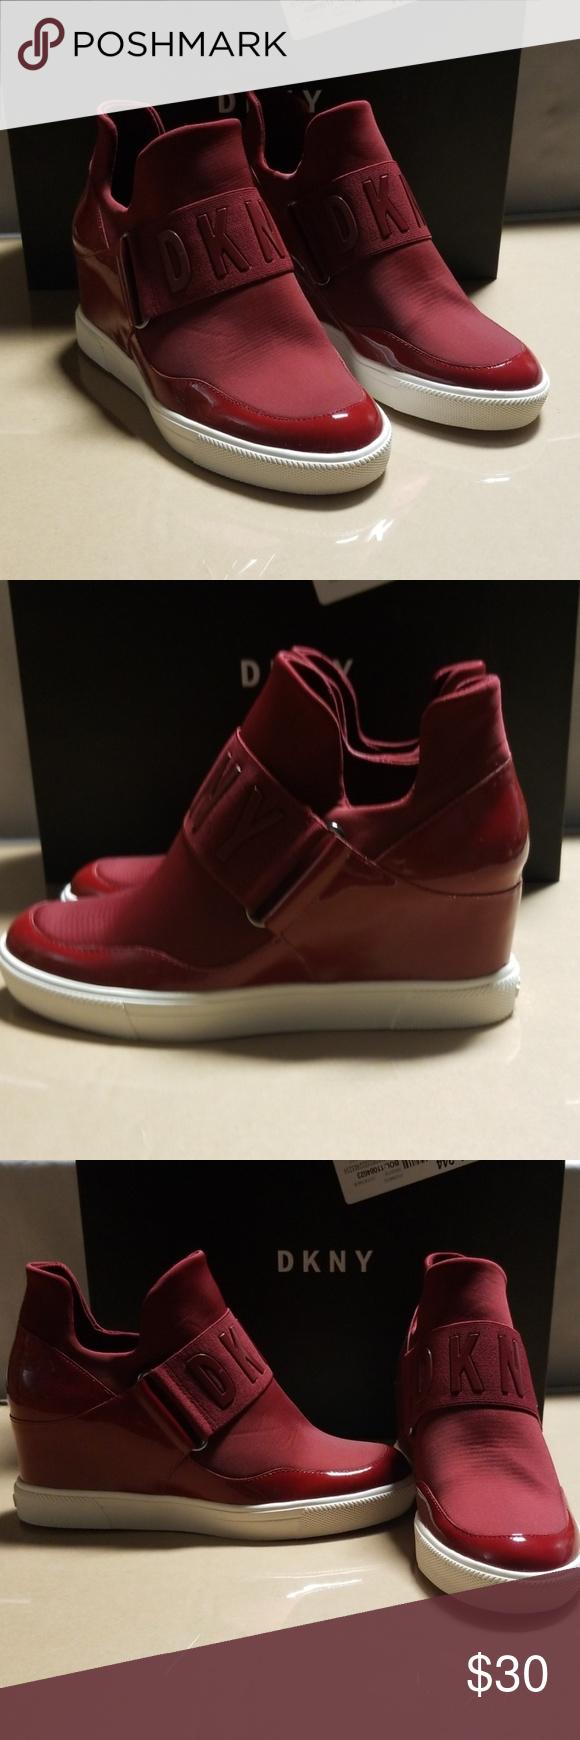 Dkny 6 M Cosmos Platform Sneakers